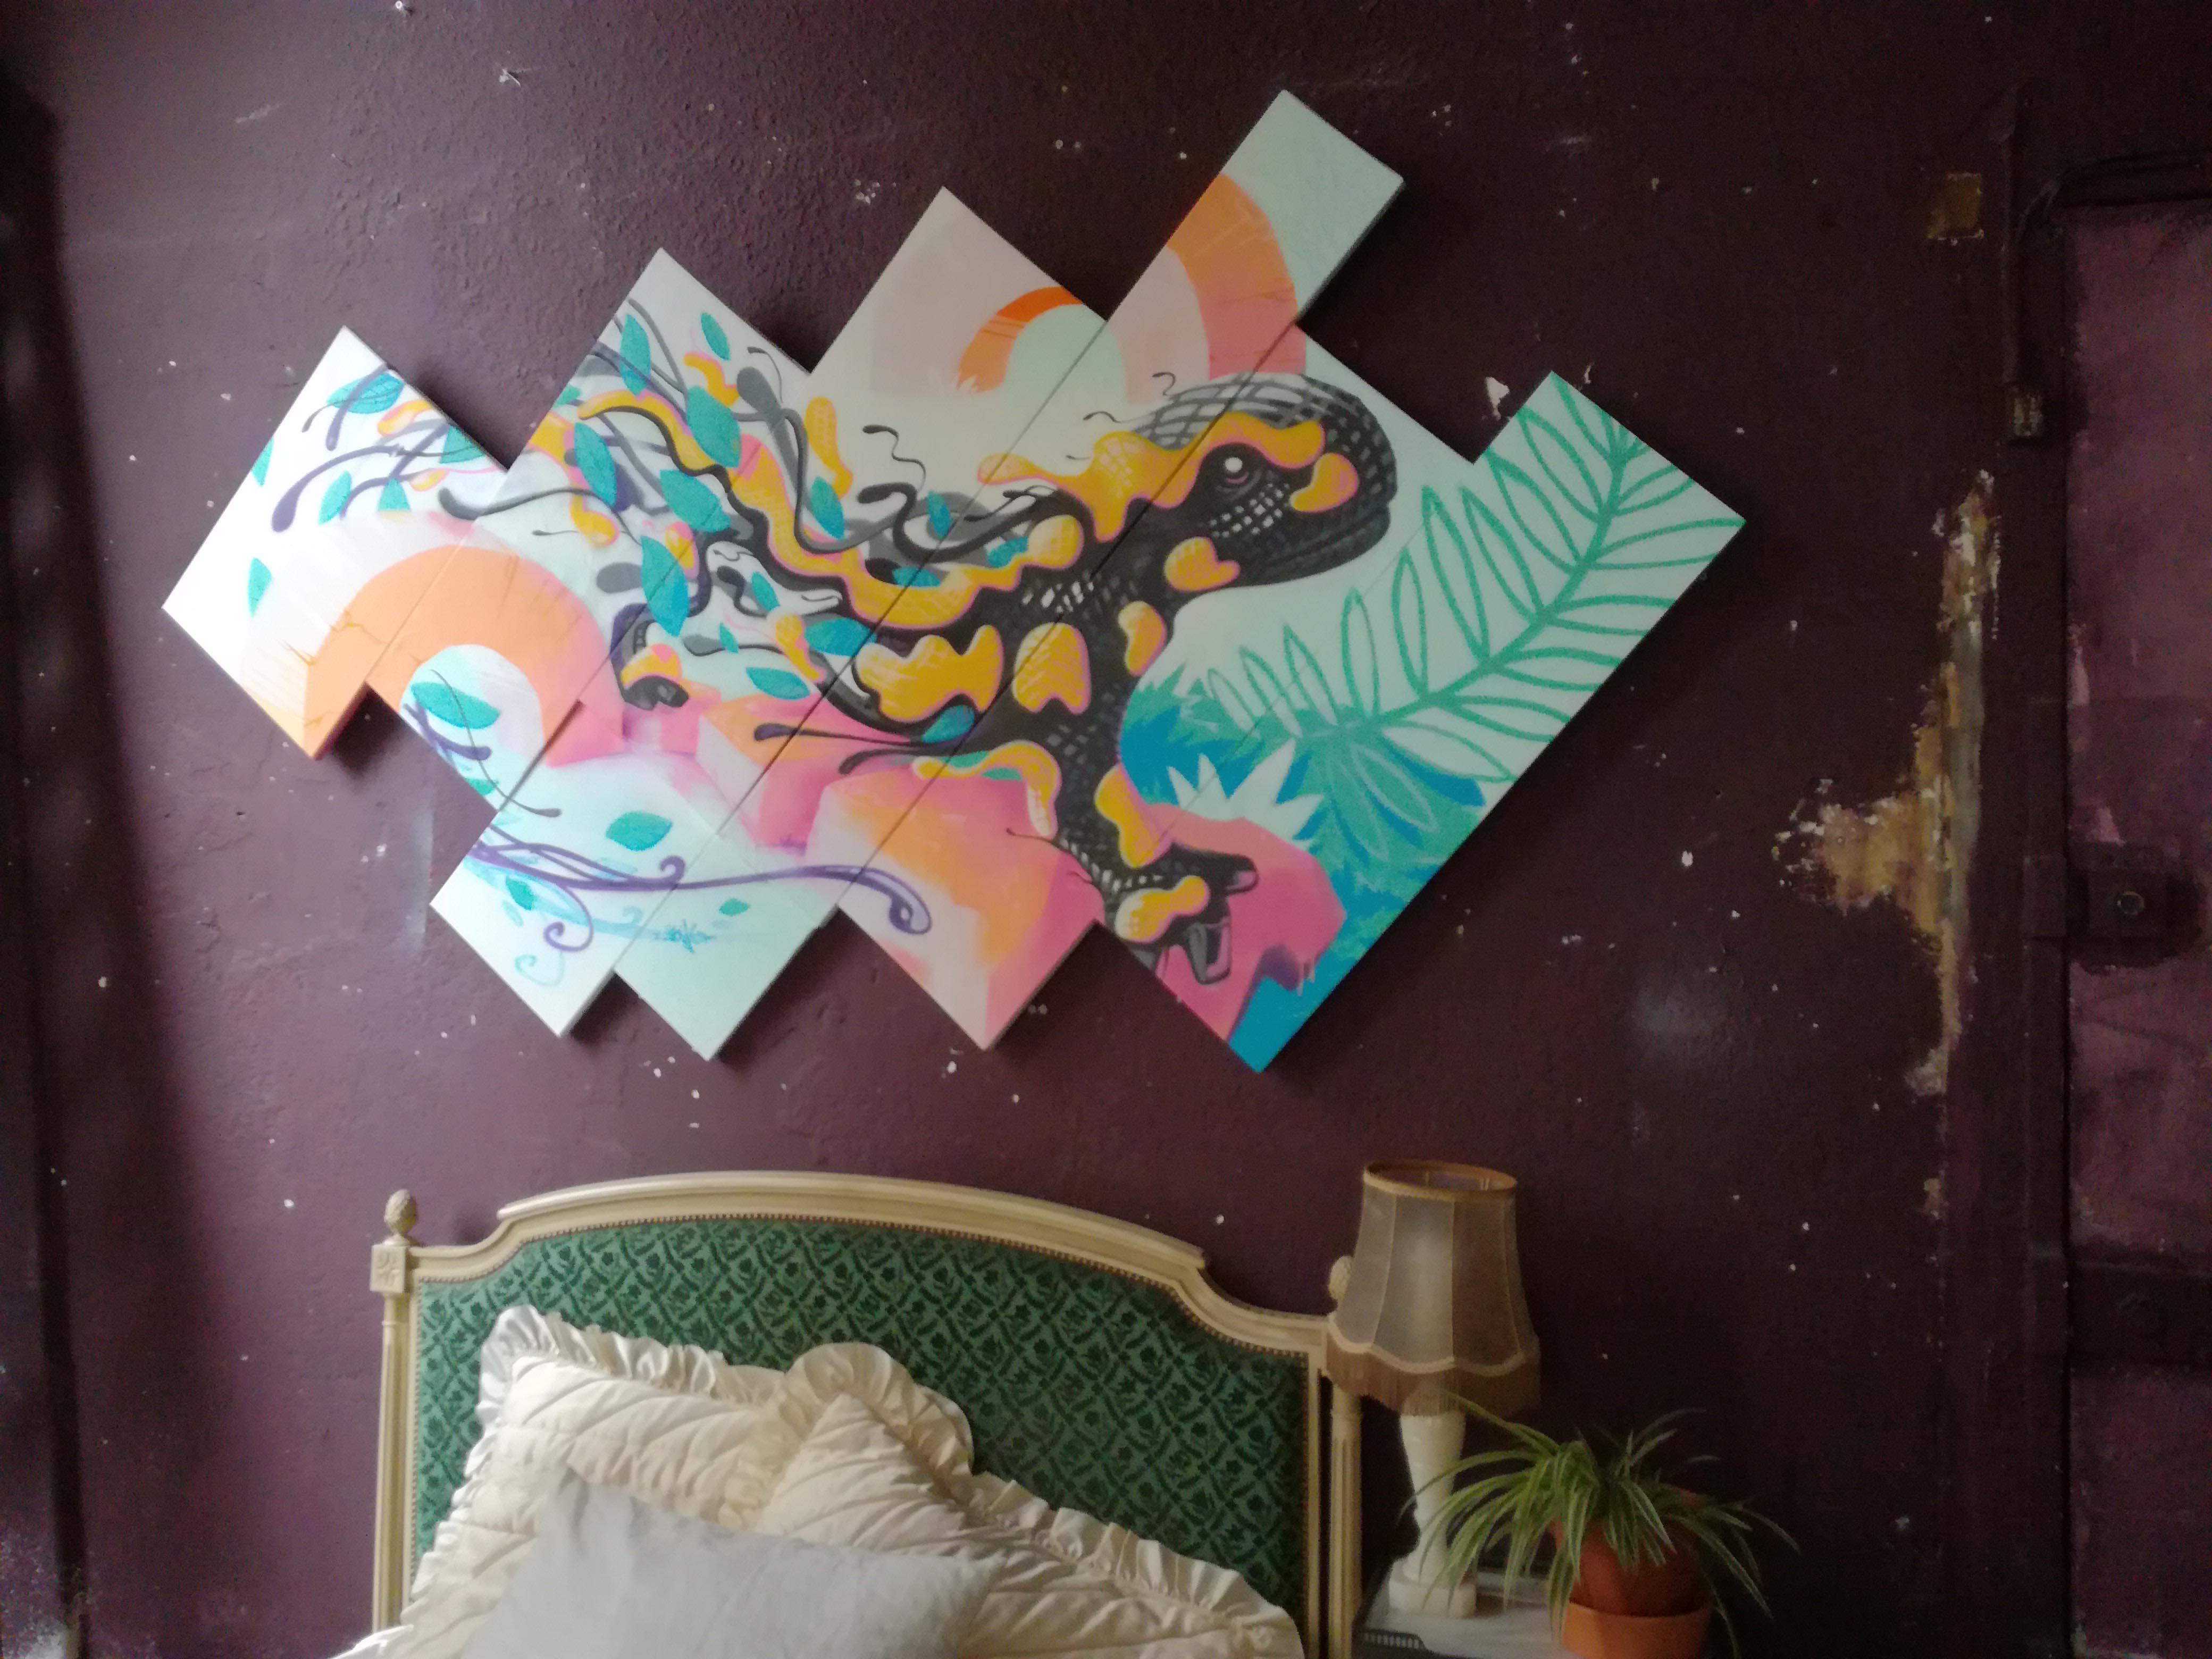 Salamandre metaflaune deco canvas street-art -illustrateur-graphiste-lyon -abys